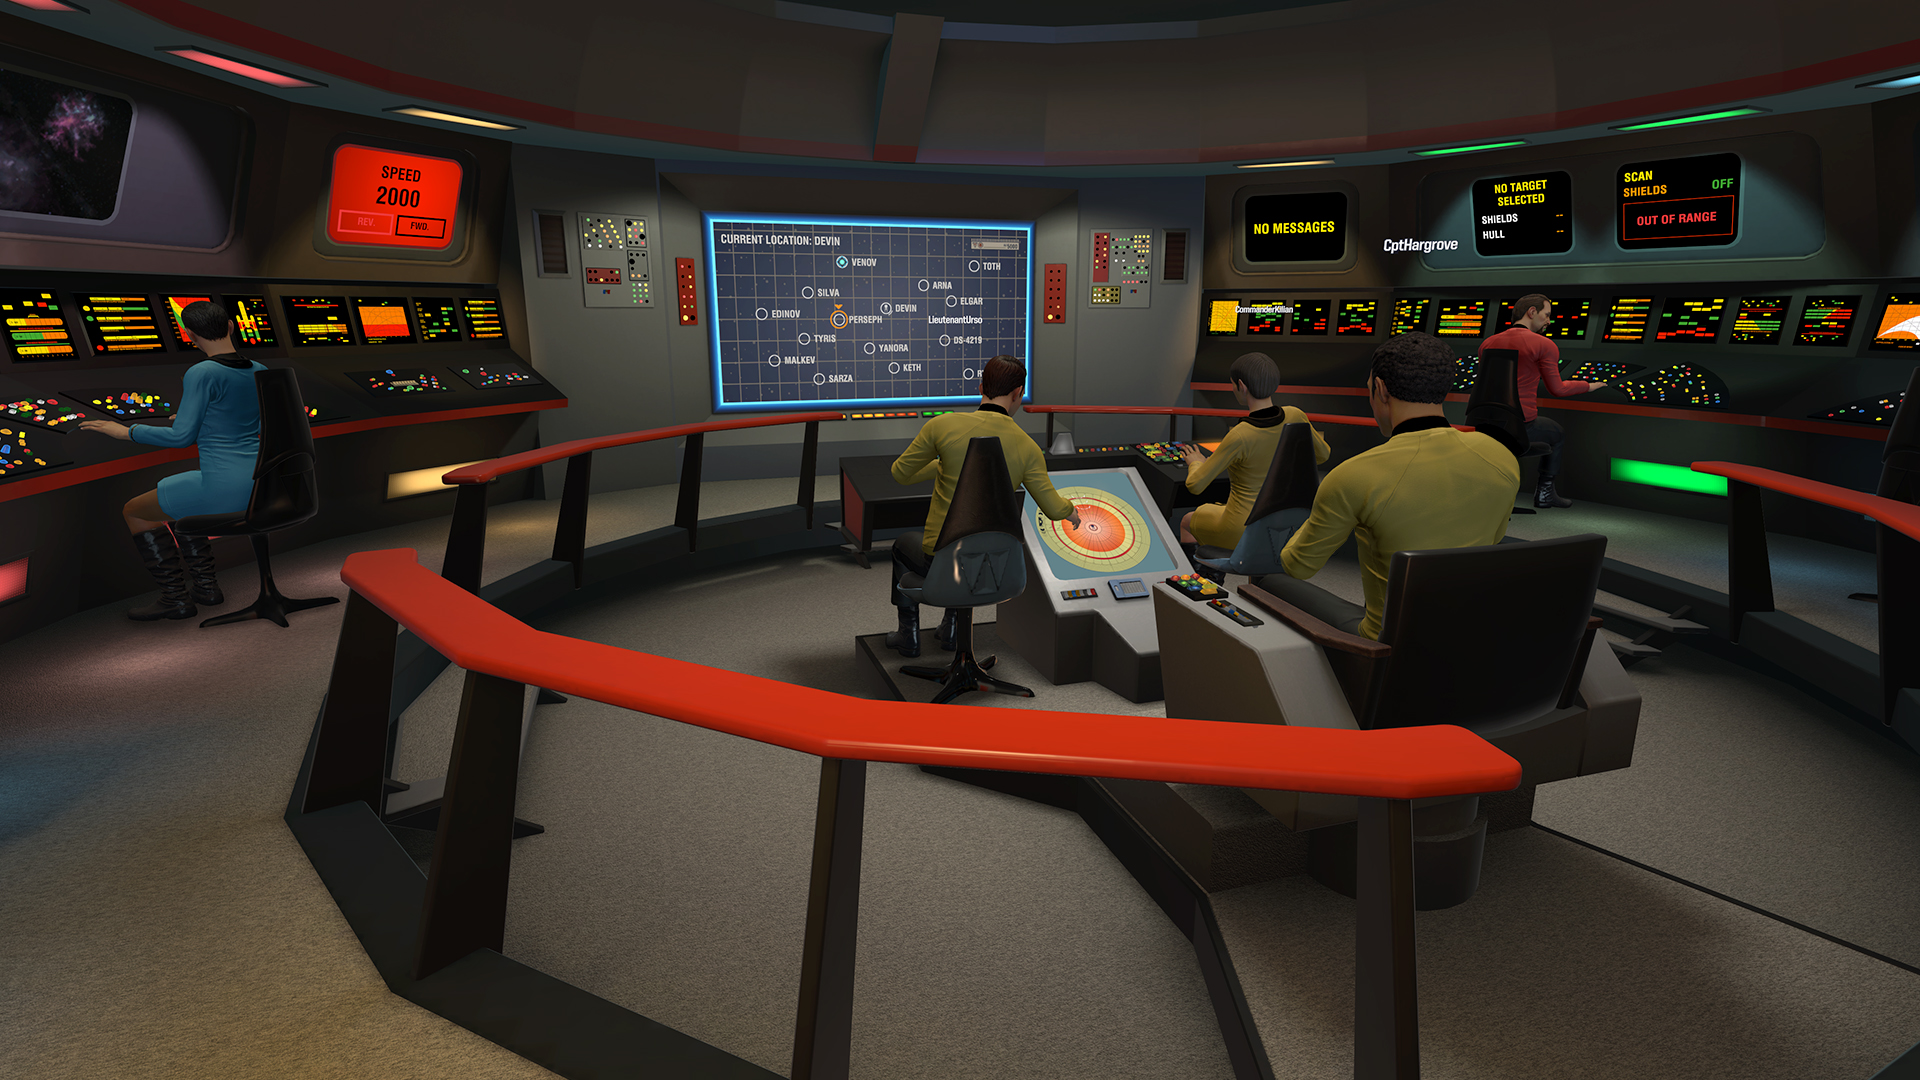 Noticia destacada de RV Star Trek: Teletransporte el 30 de mayo